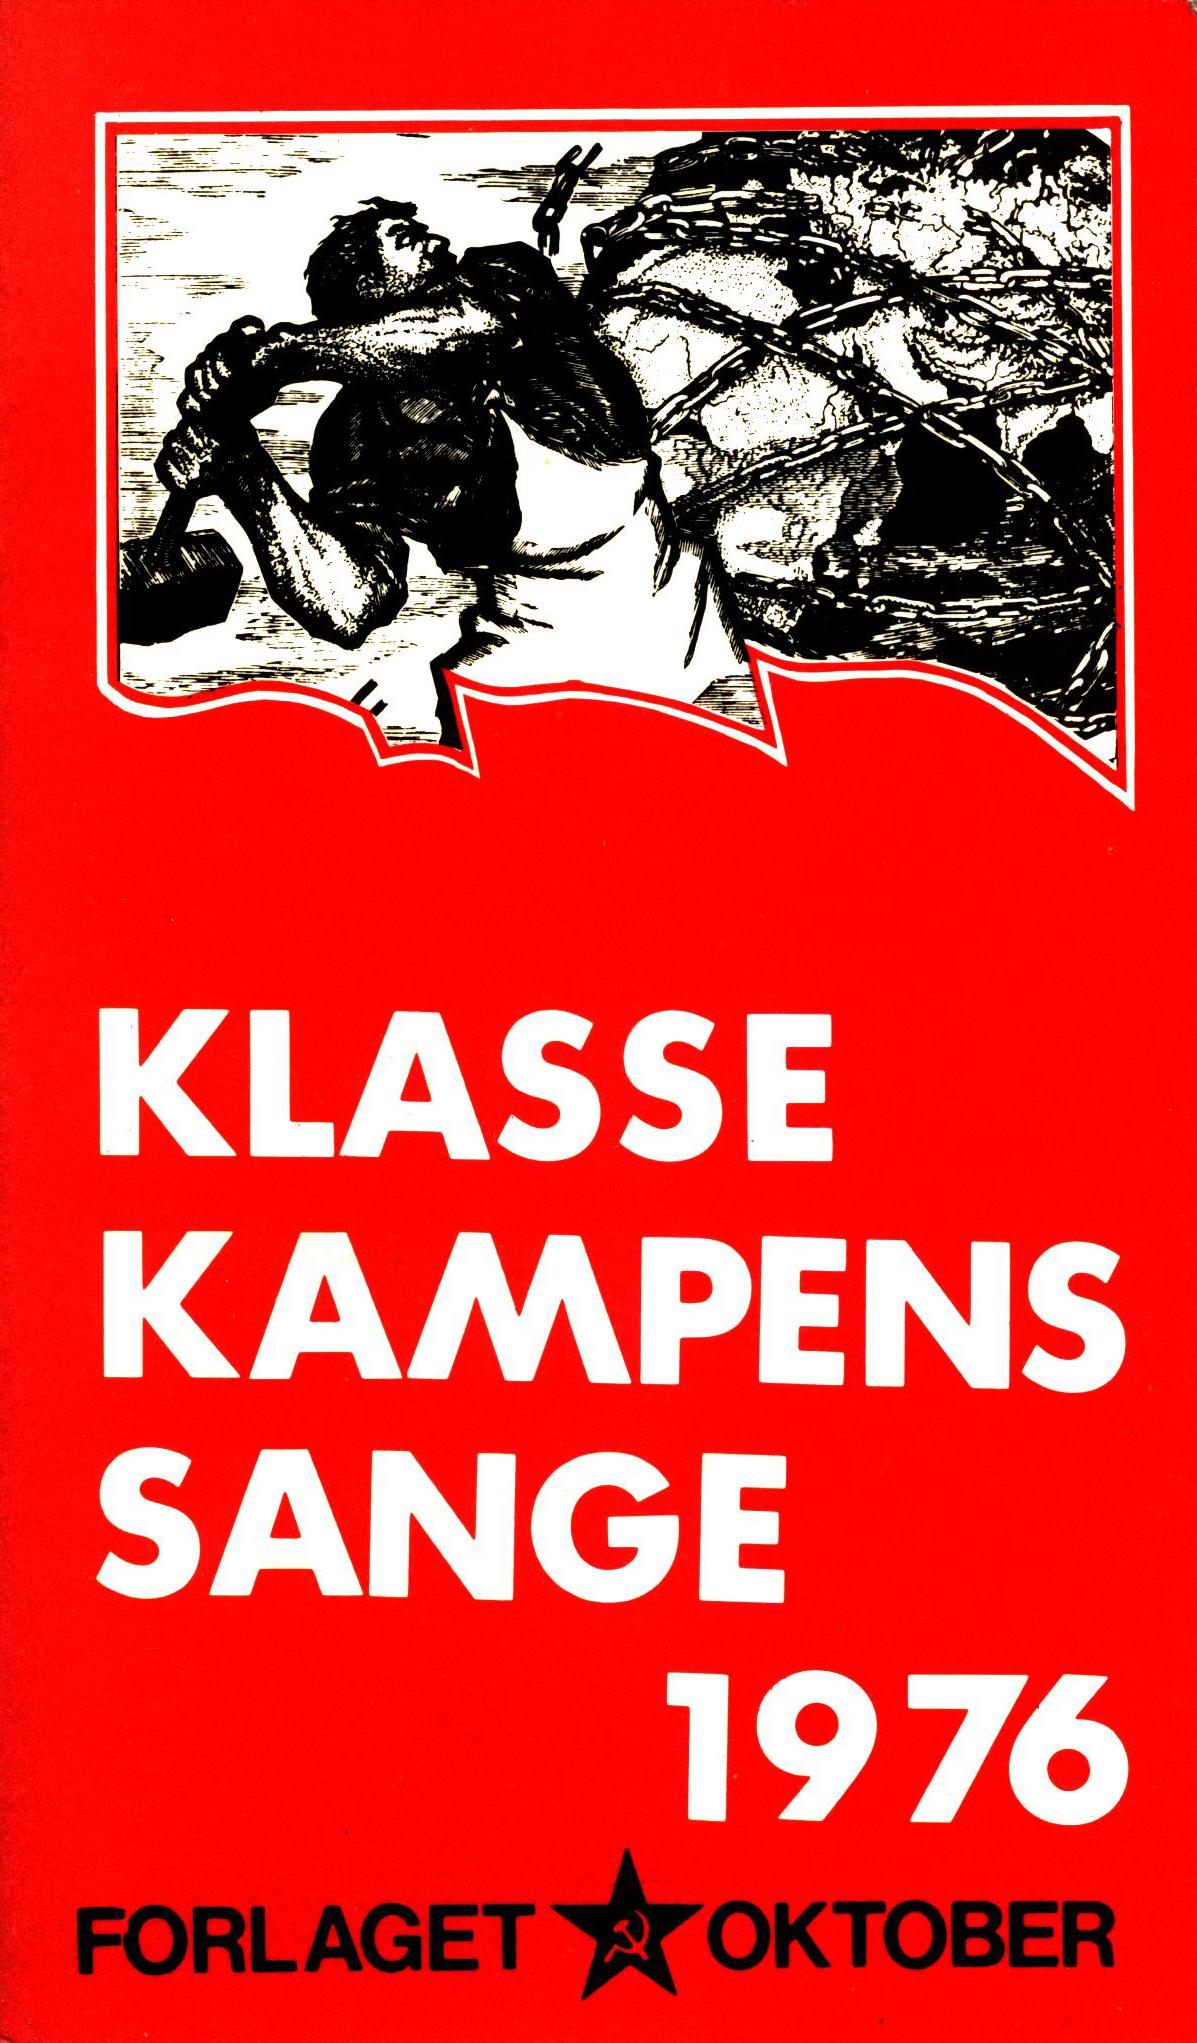 Klassekampens sange 1976